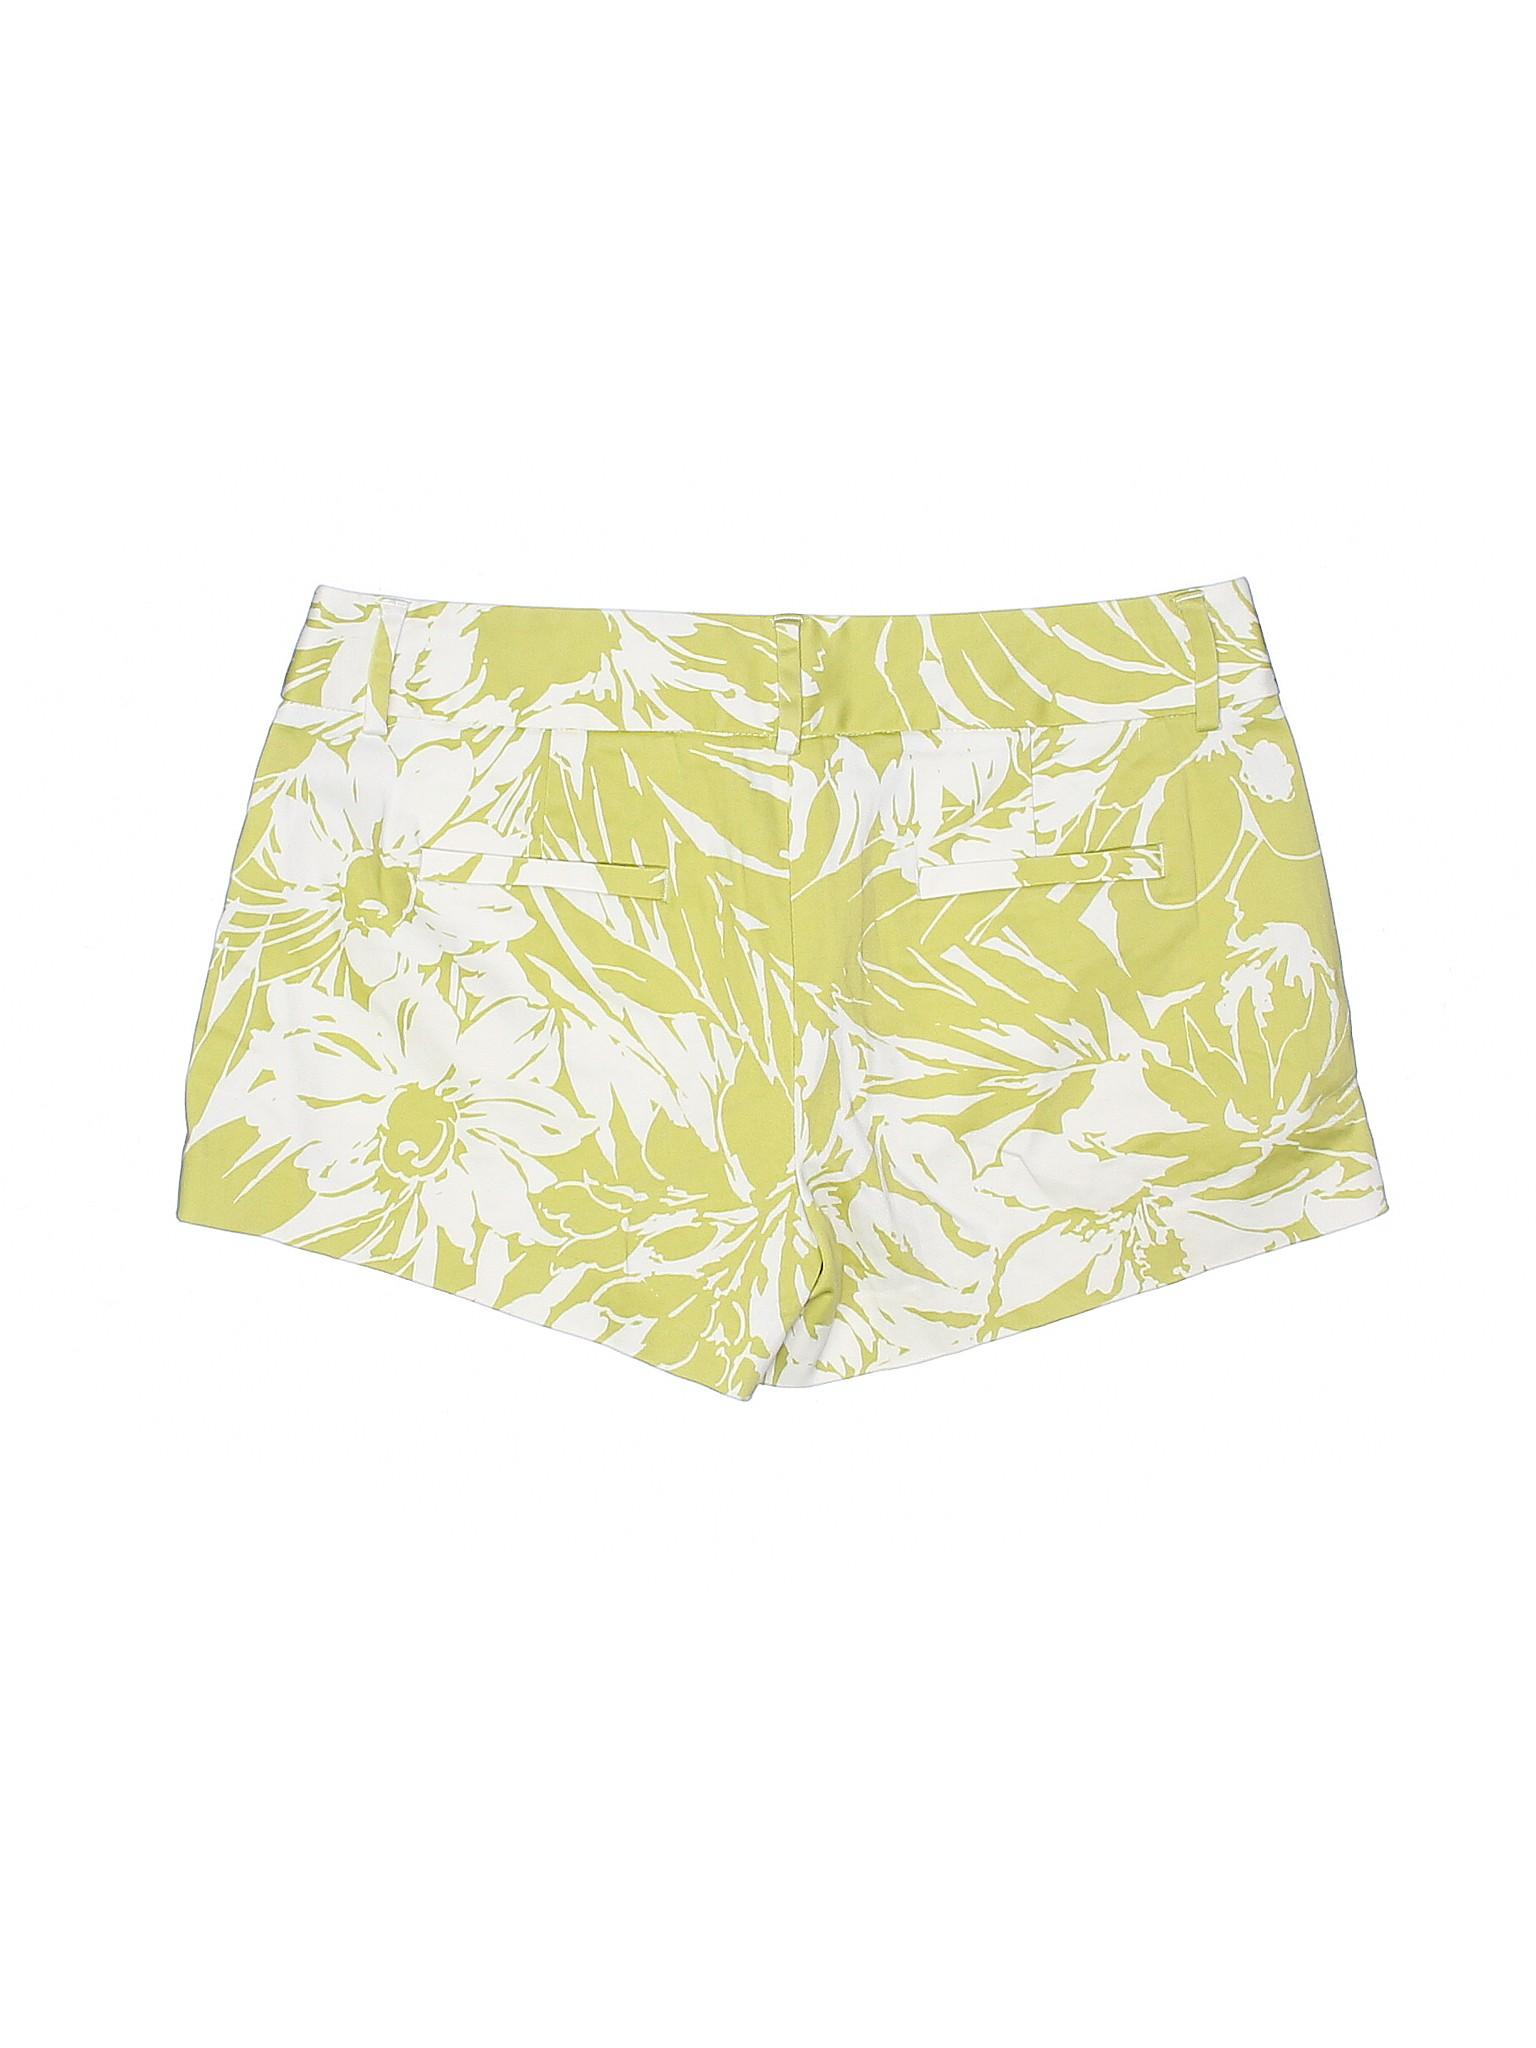 Shorts Boutique Crew J Boutique Khaki J xwzqXUdqv